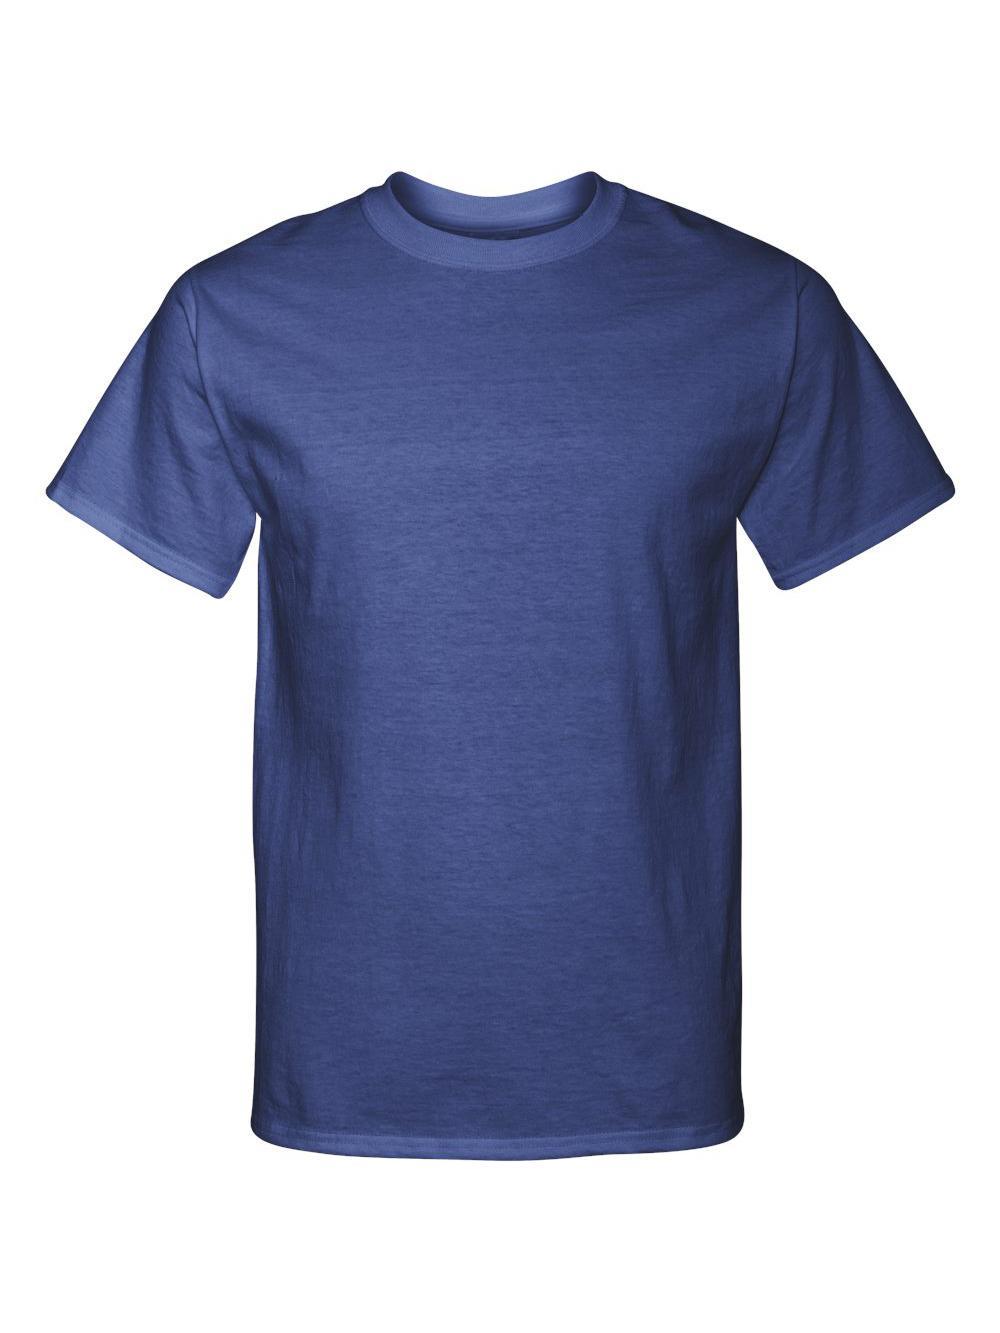 Jerzees-Dri-Power-Tall-50-50-T-Shirt-29MT thumbnail 15